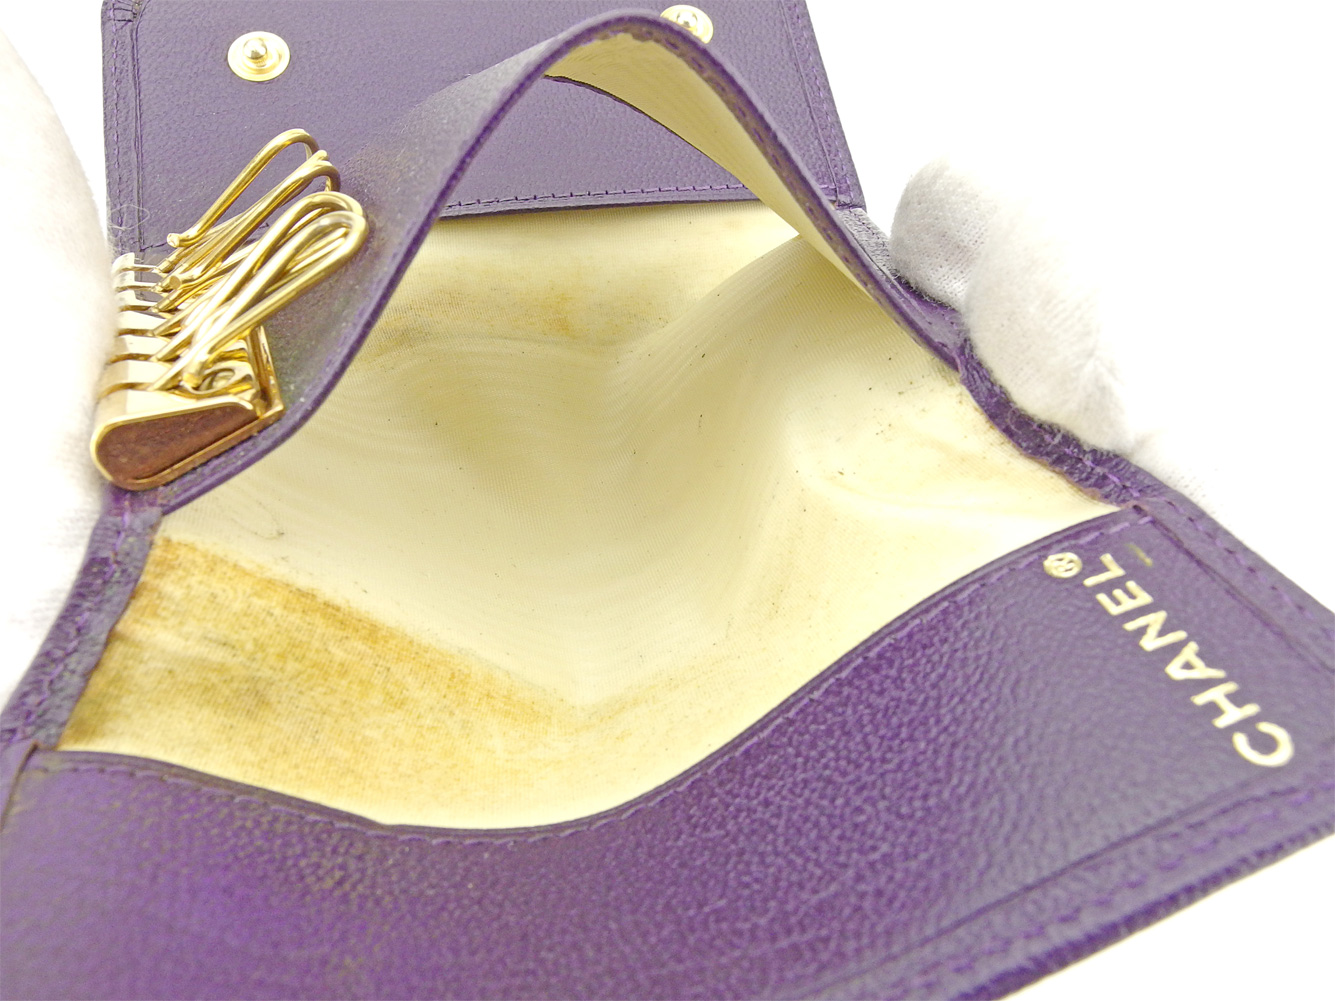 シャネル キーケース 6連キーケース オールドシャネル ココマーク パープル ゴールド レザーCHANEL レディース プレゼント 贈り物 1点物 人気 良品 夏 ブランド 迅速発送 オシャレ 大人 在庫処分 ファッション送料無料T9338 AY6ybf7g